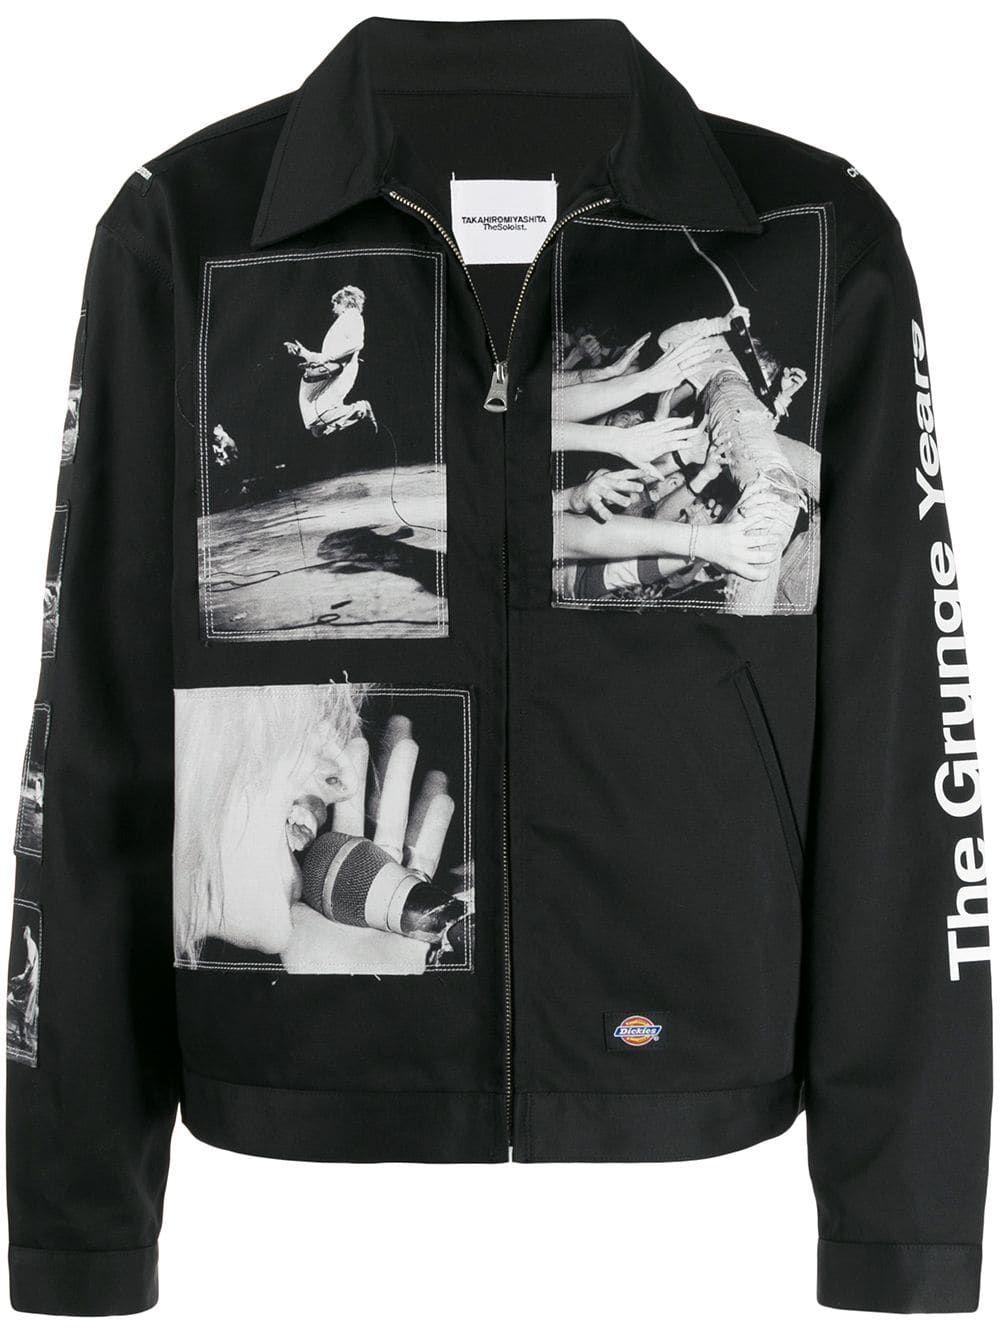 Scorpions /'Black Out/' Zip Hoodie NEW zipped hoody hooded sweatshirt